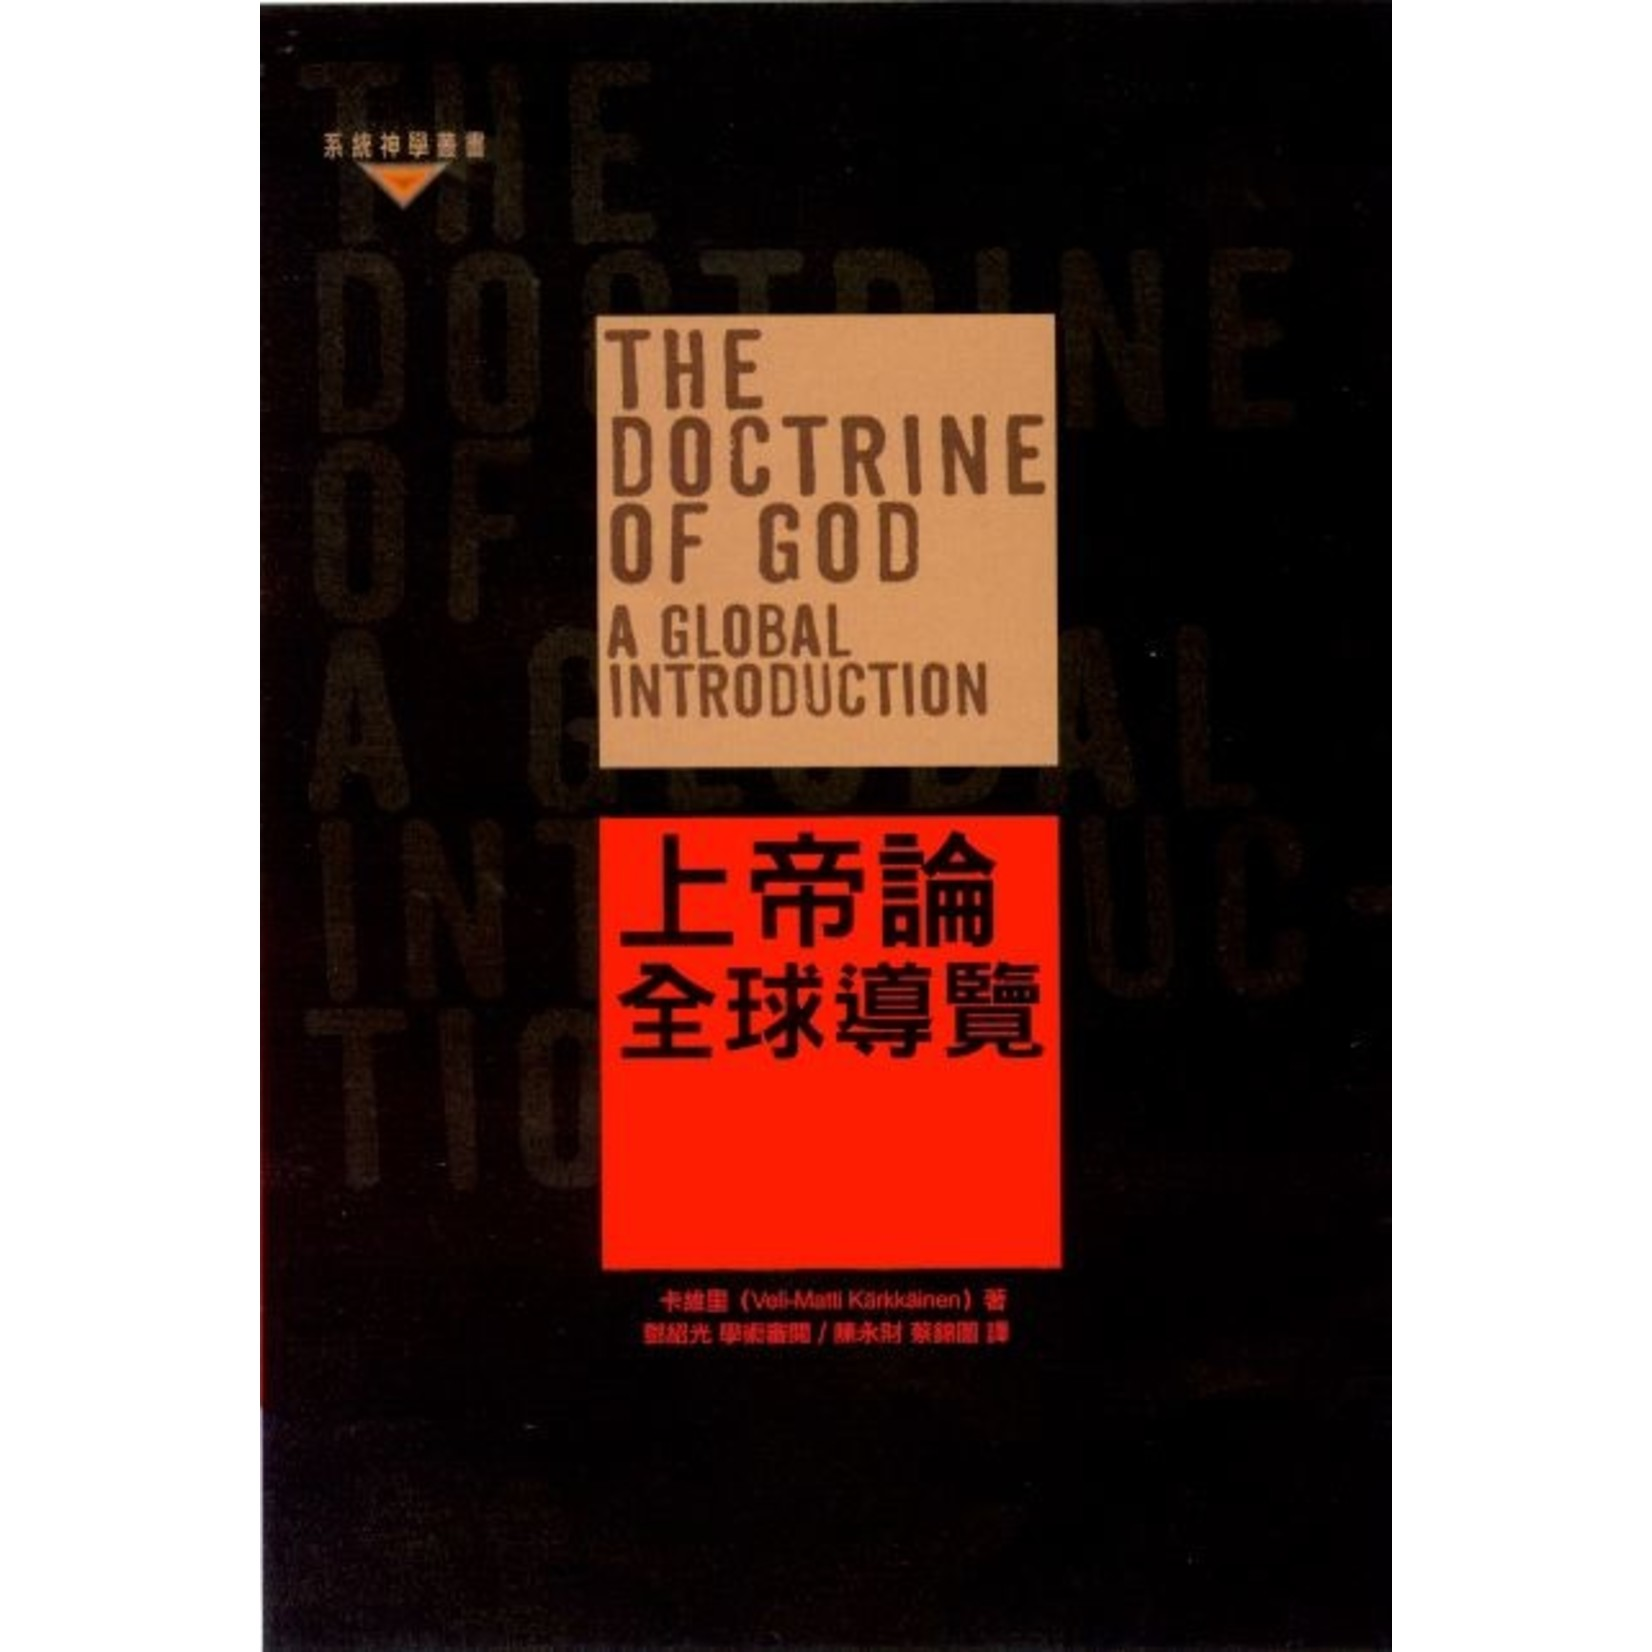 基道 Logos Book House 上帝論:全球導覽 The Doctrine of God: A Global Introduction